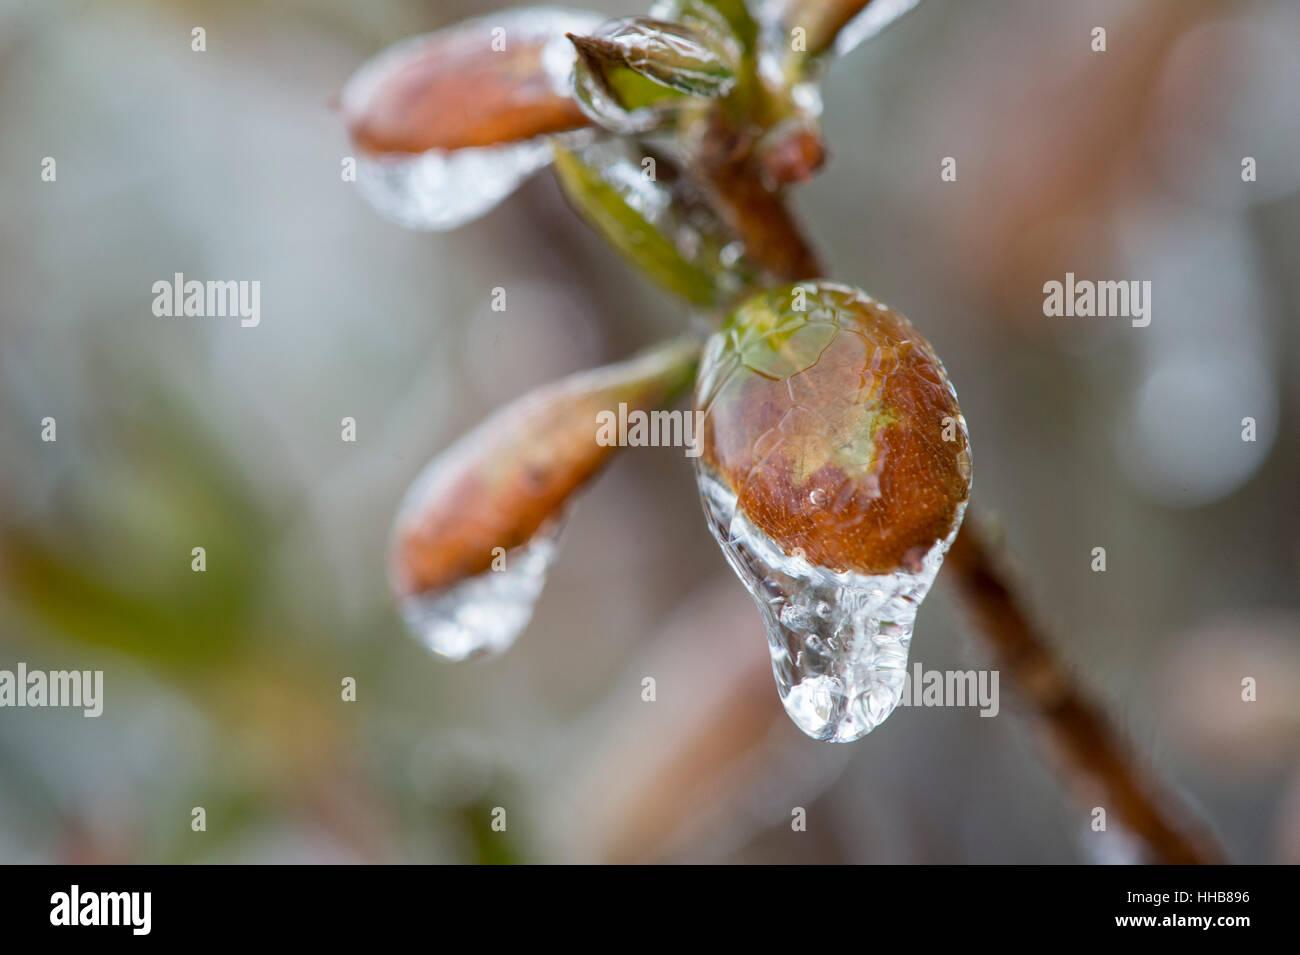 Une macro d'une branche d'arbre bud recouvert de glace. Photo Stock